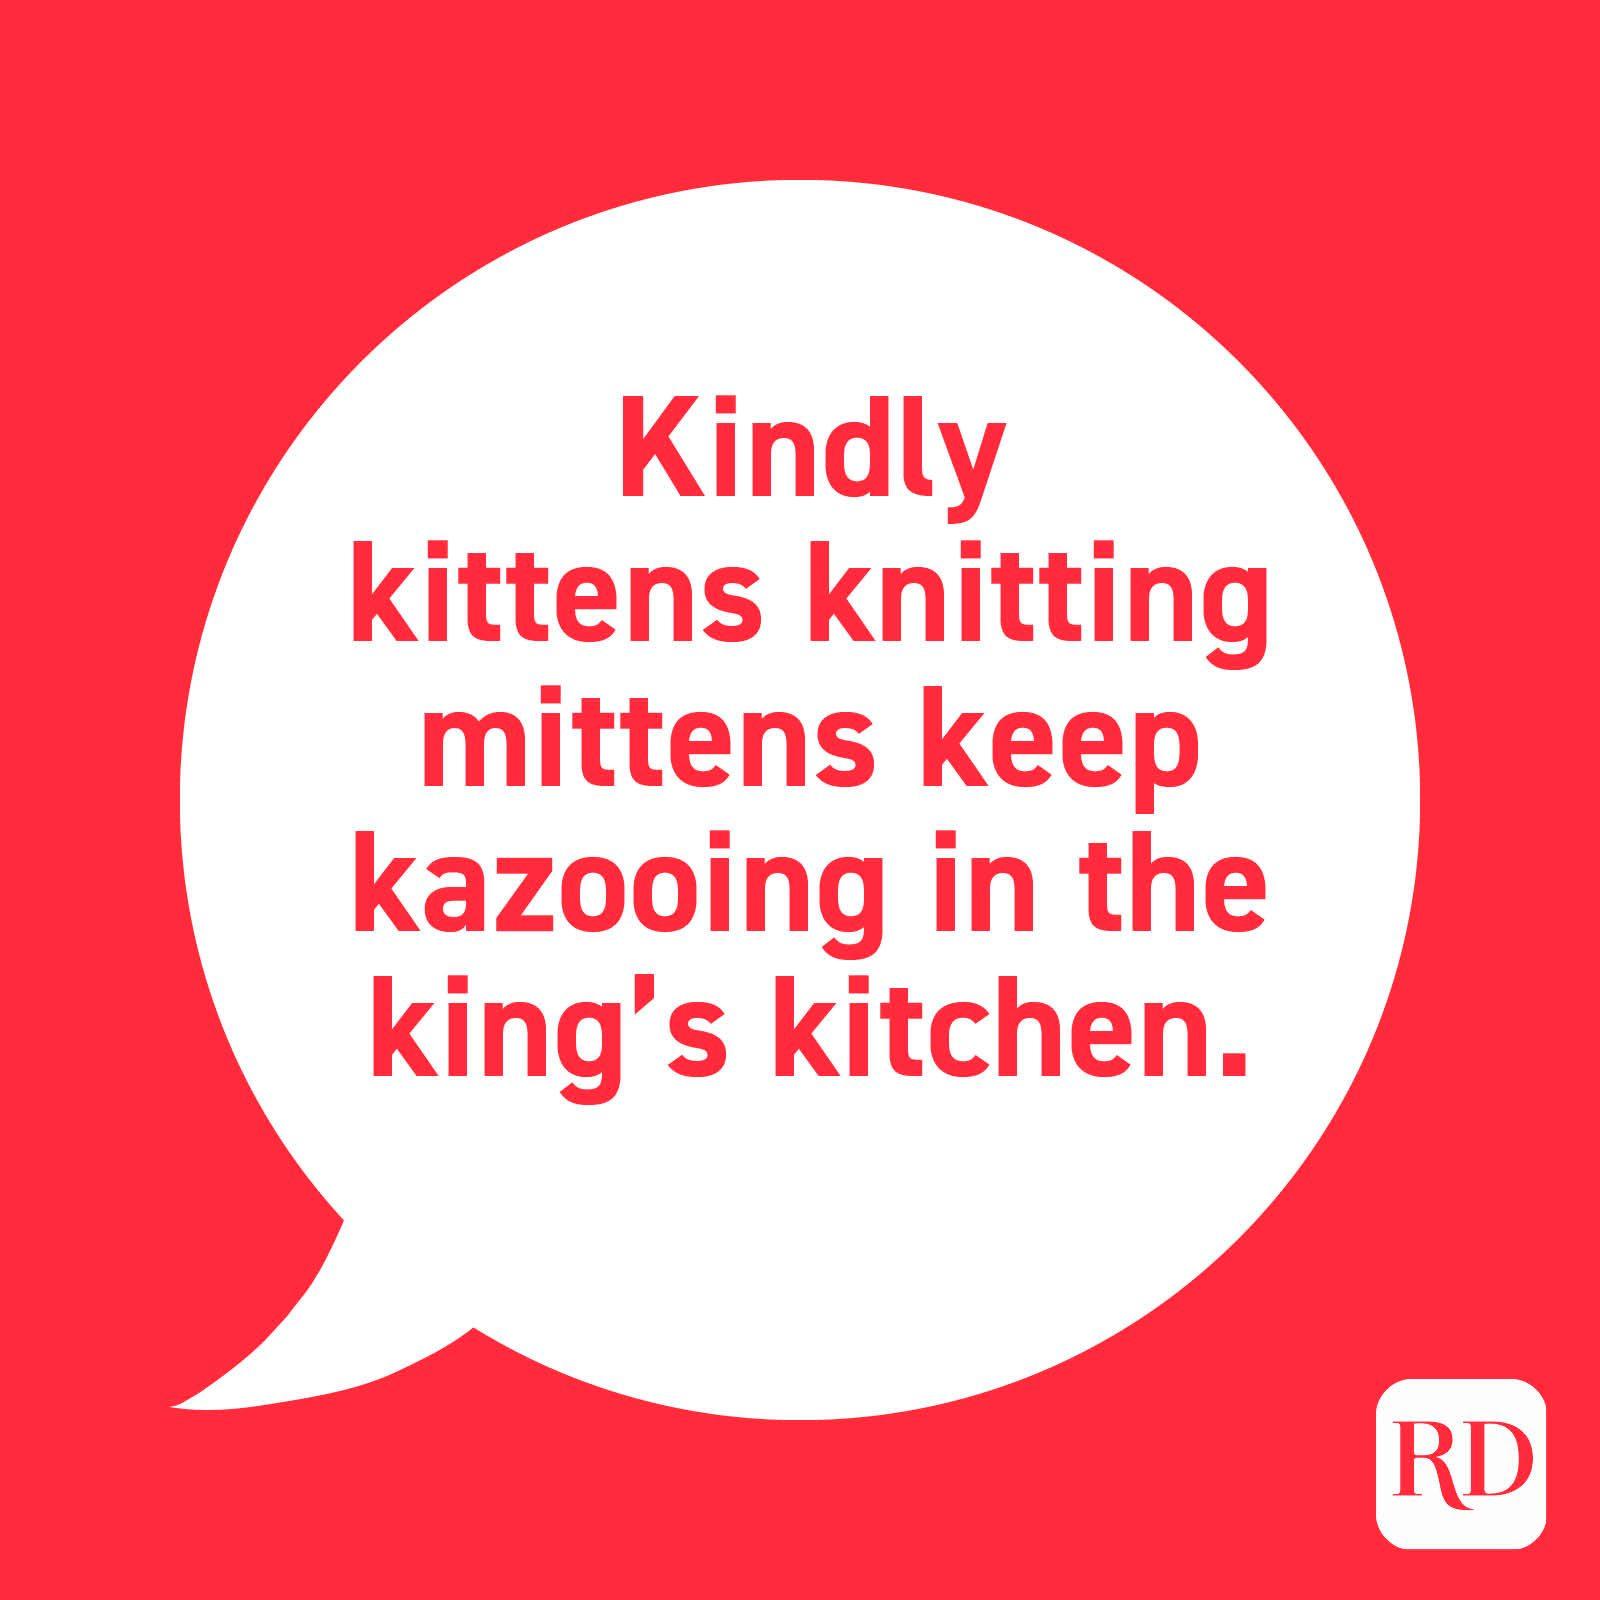 A kitten fairytale